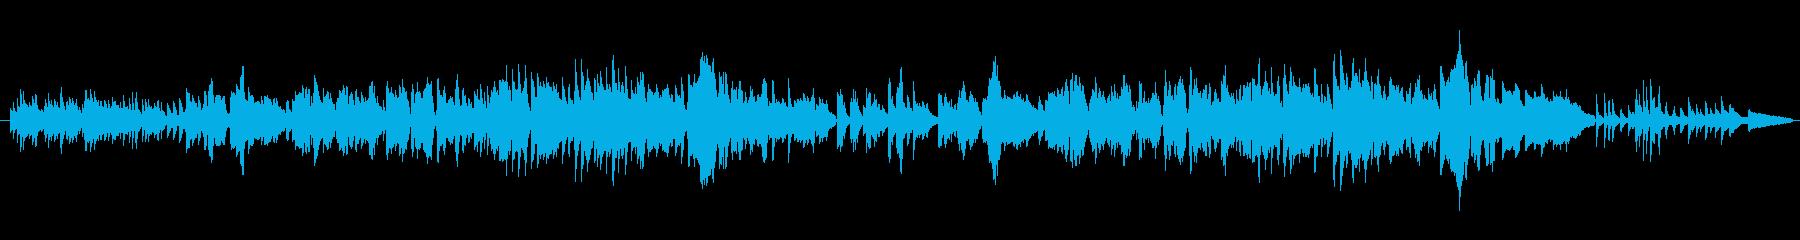 私が初めて作詞・作曲した思い出深い曲で…の再生済みの波形